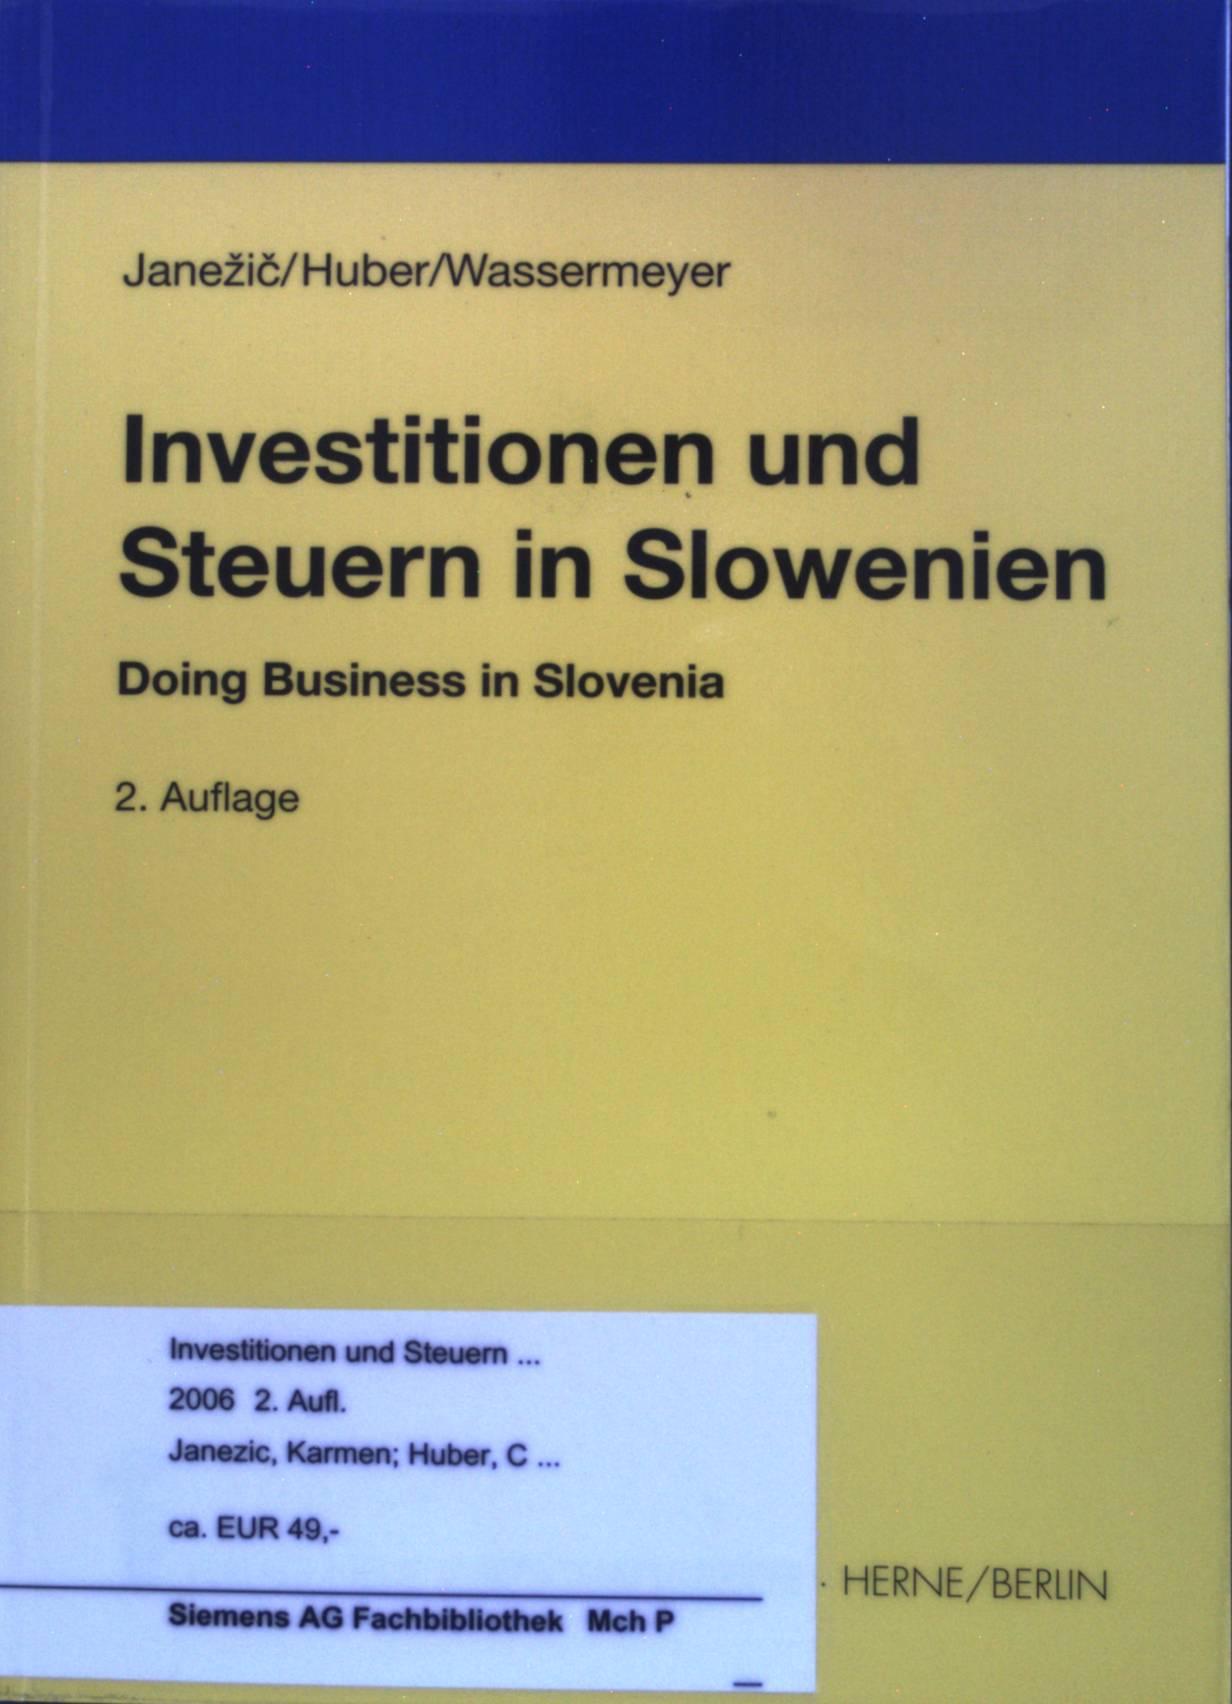 Investitionen und Steuern in Slowenien : Doing Business in Slovenia.